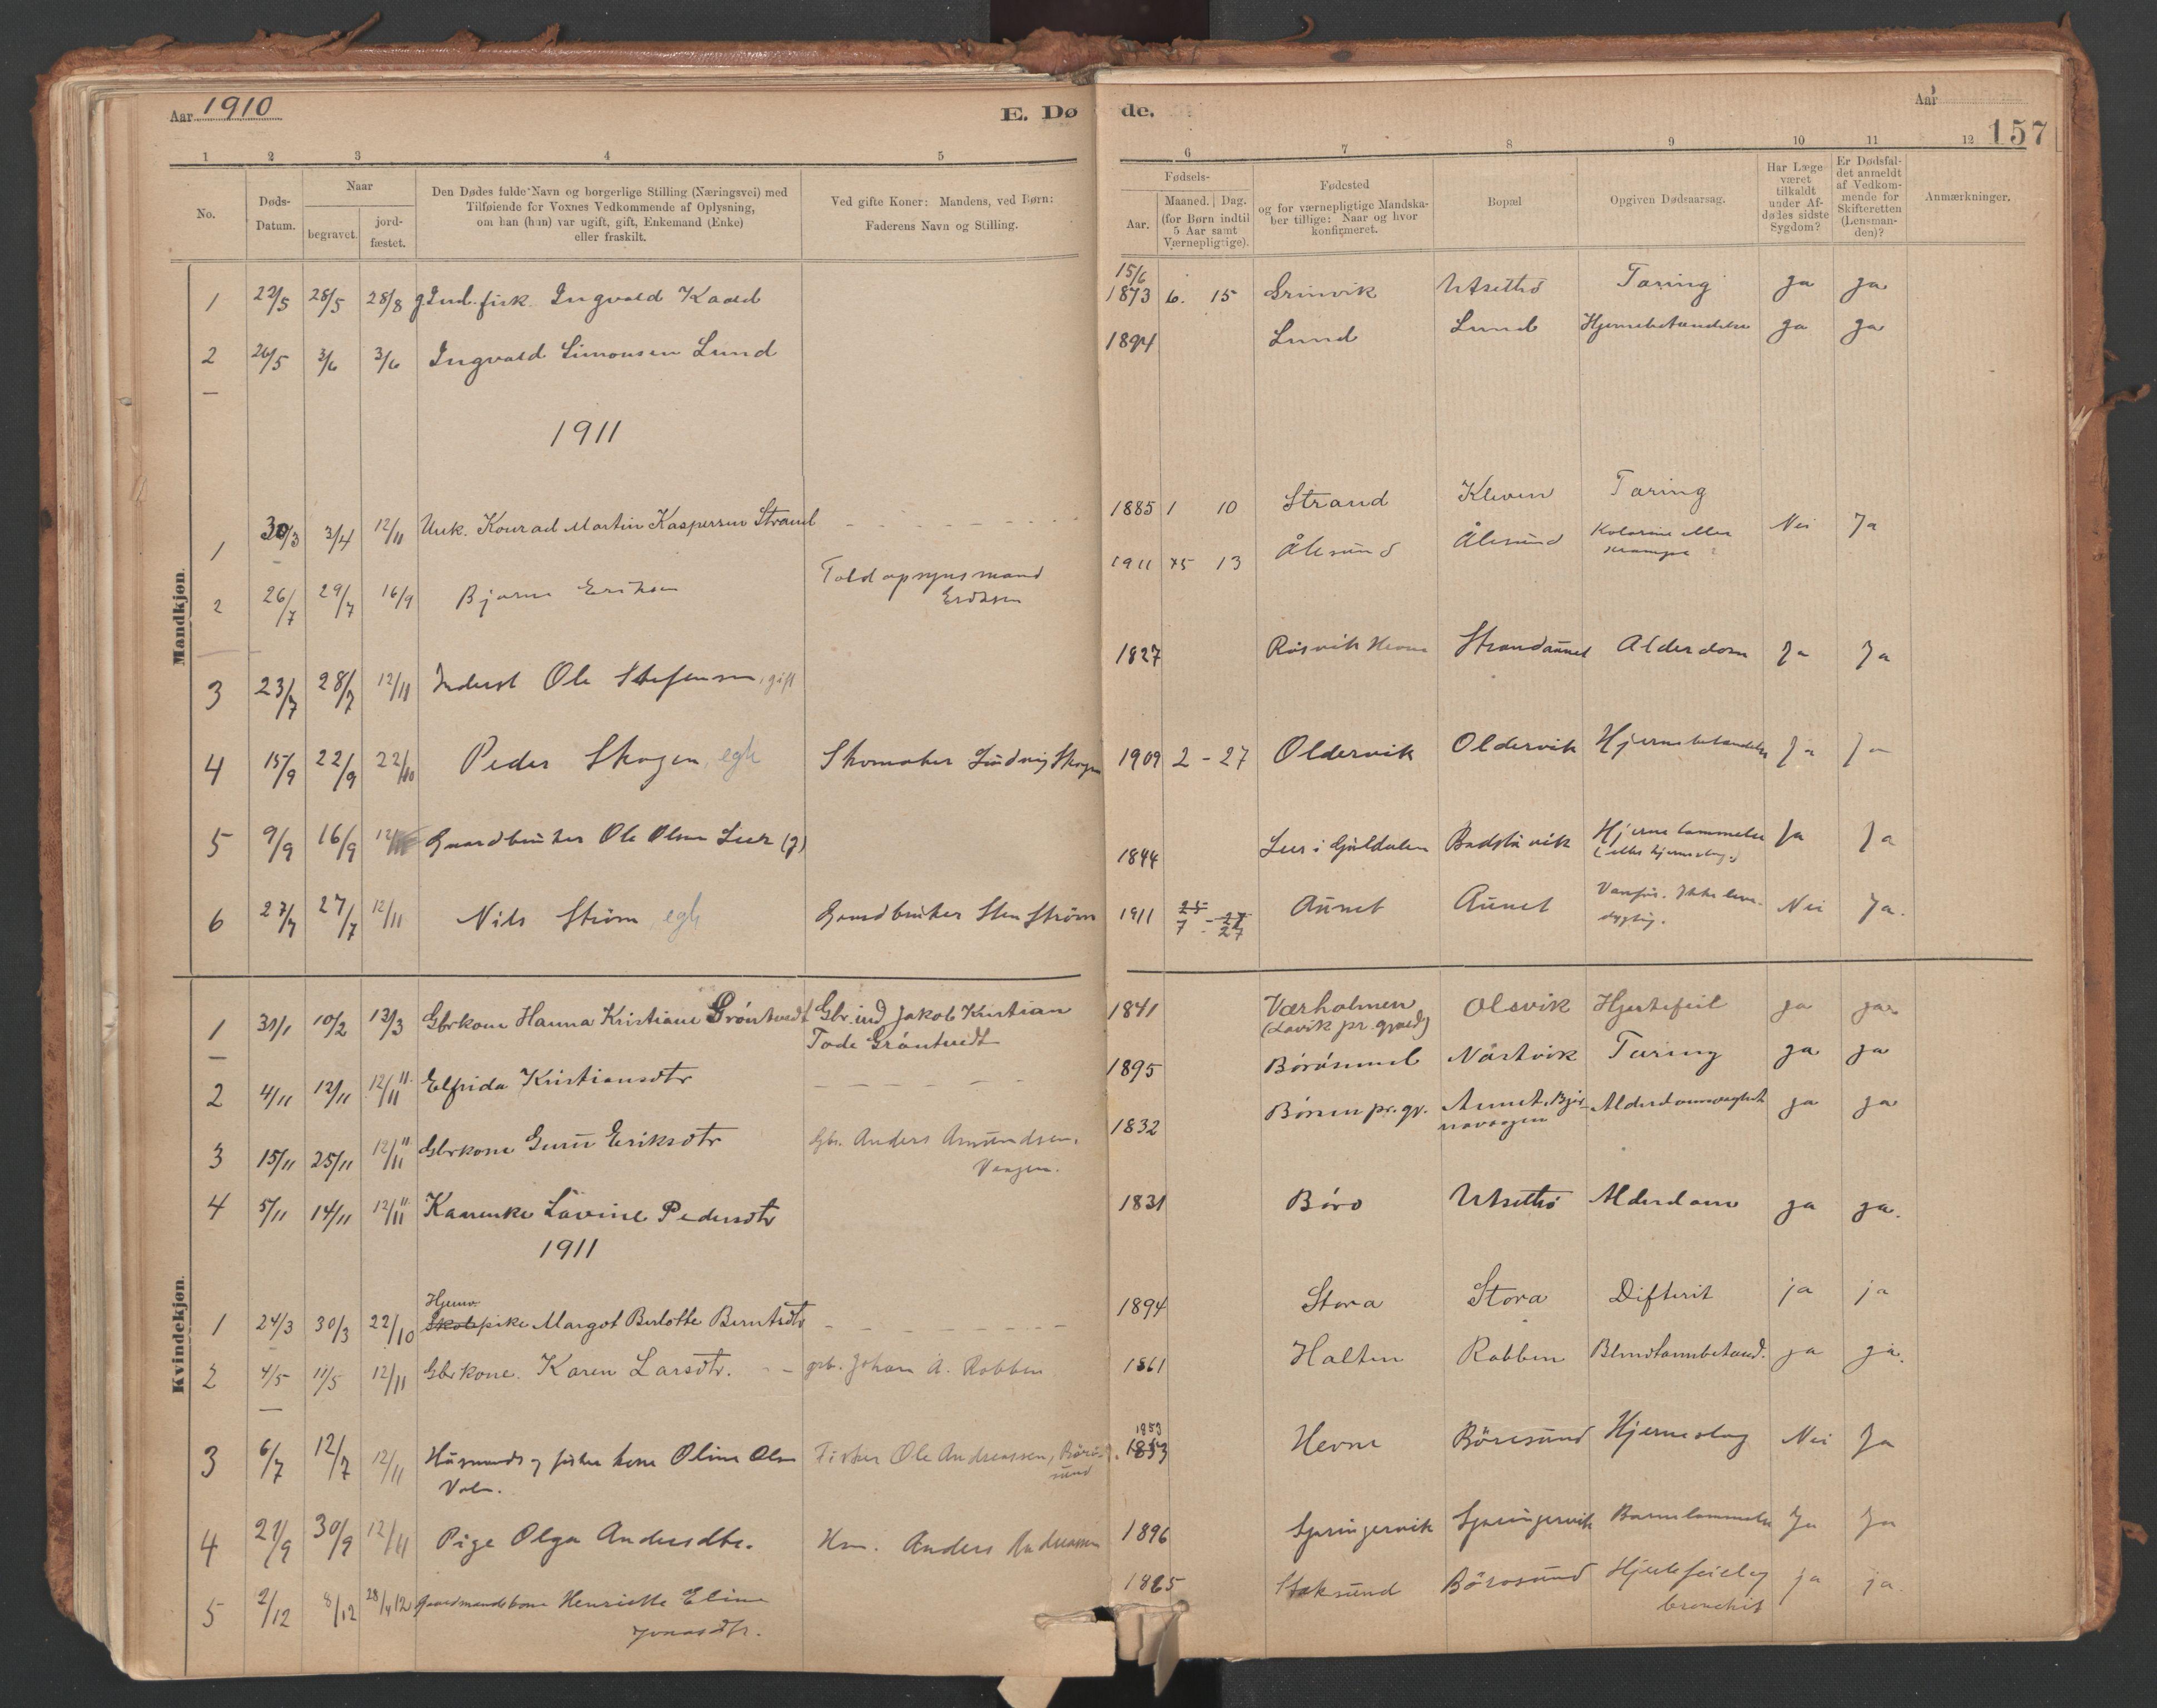 SAT, Ministerialprotokoller, klokkerbøker og fødselsregistre - Sør-Trøndelag, 639/L0572: Ministerialbok nr. 639A01, 1890-1920, s. 157